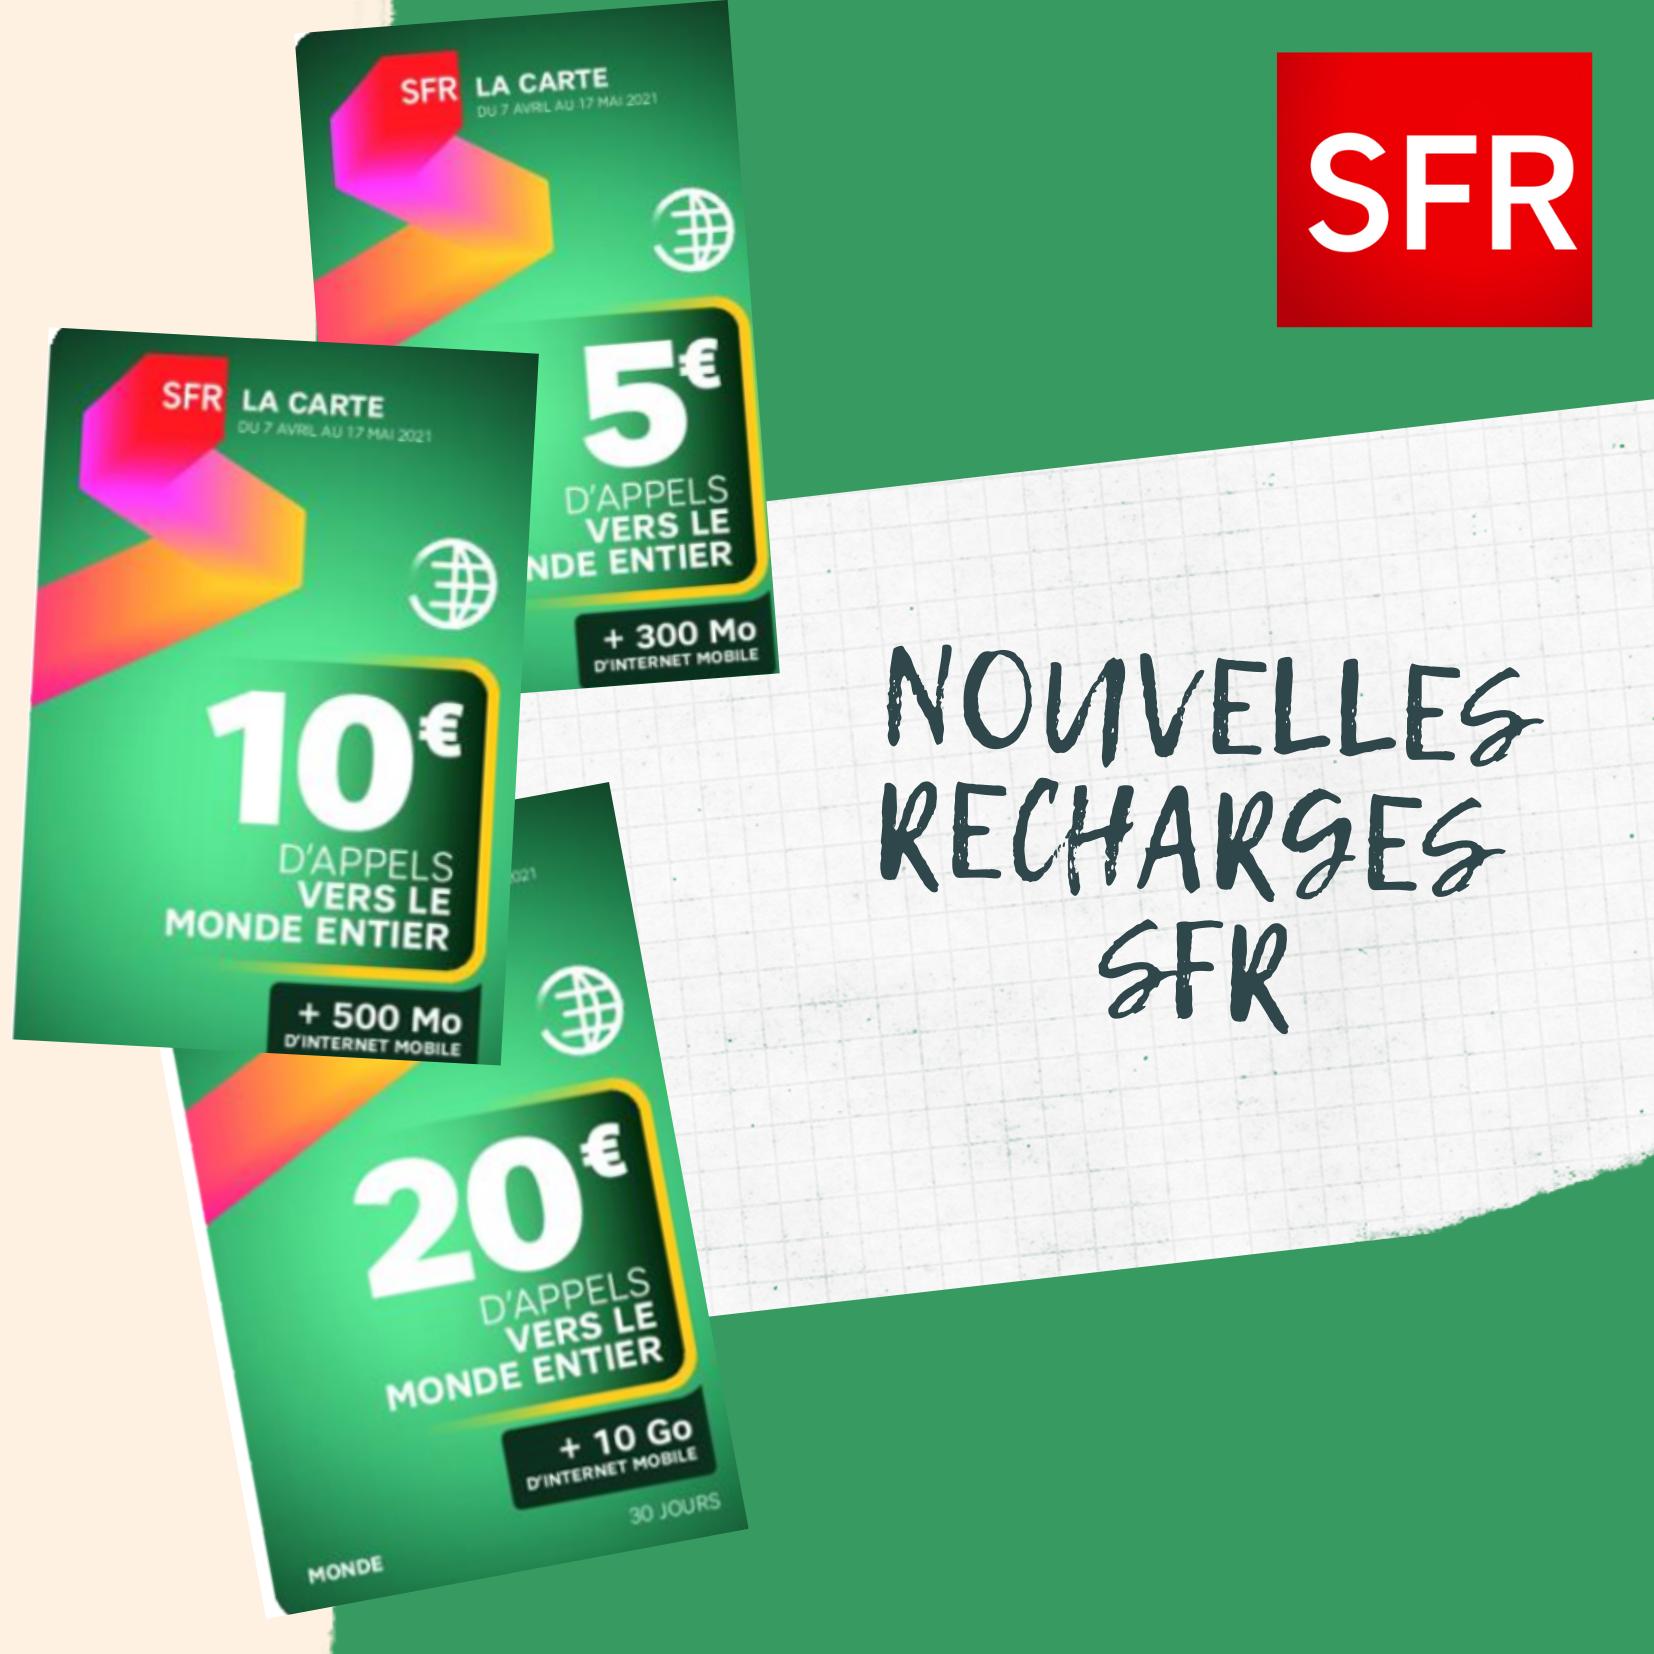 Nouveauté : SFR alimente ses recharges internationales en data